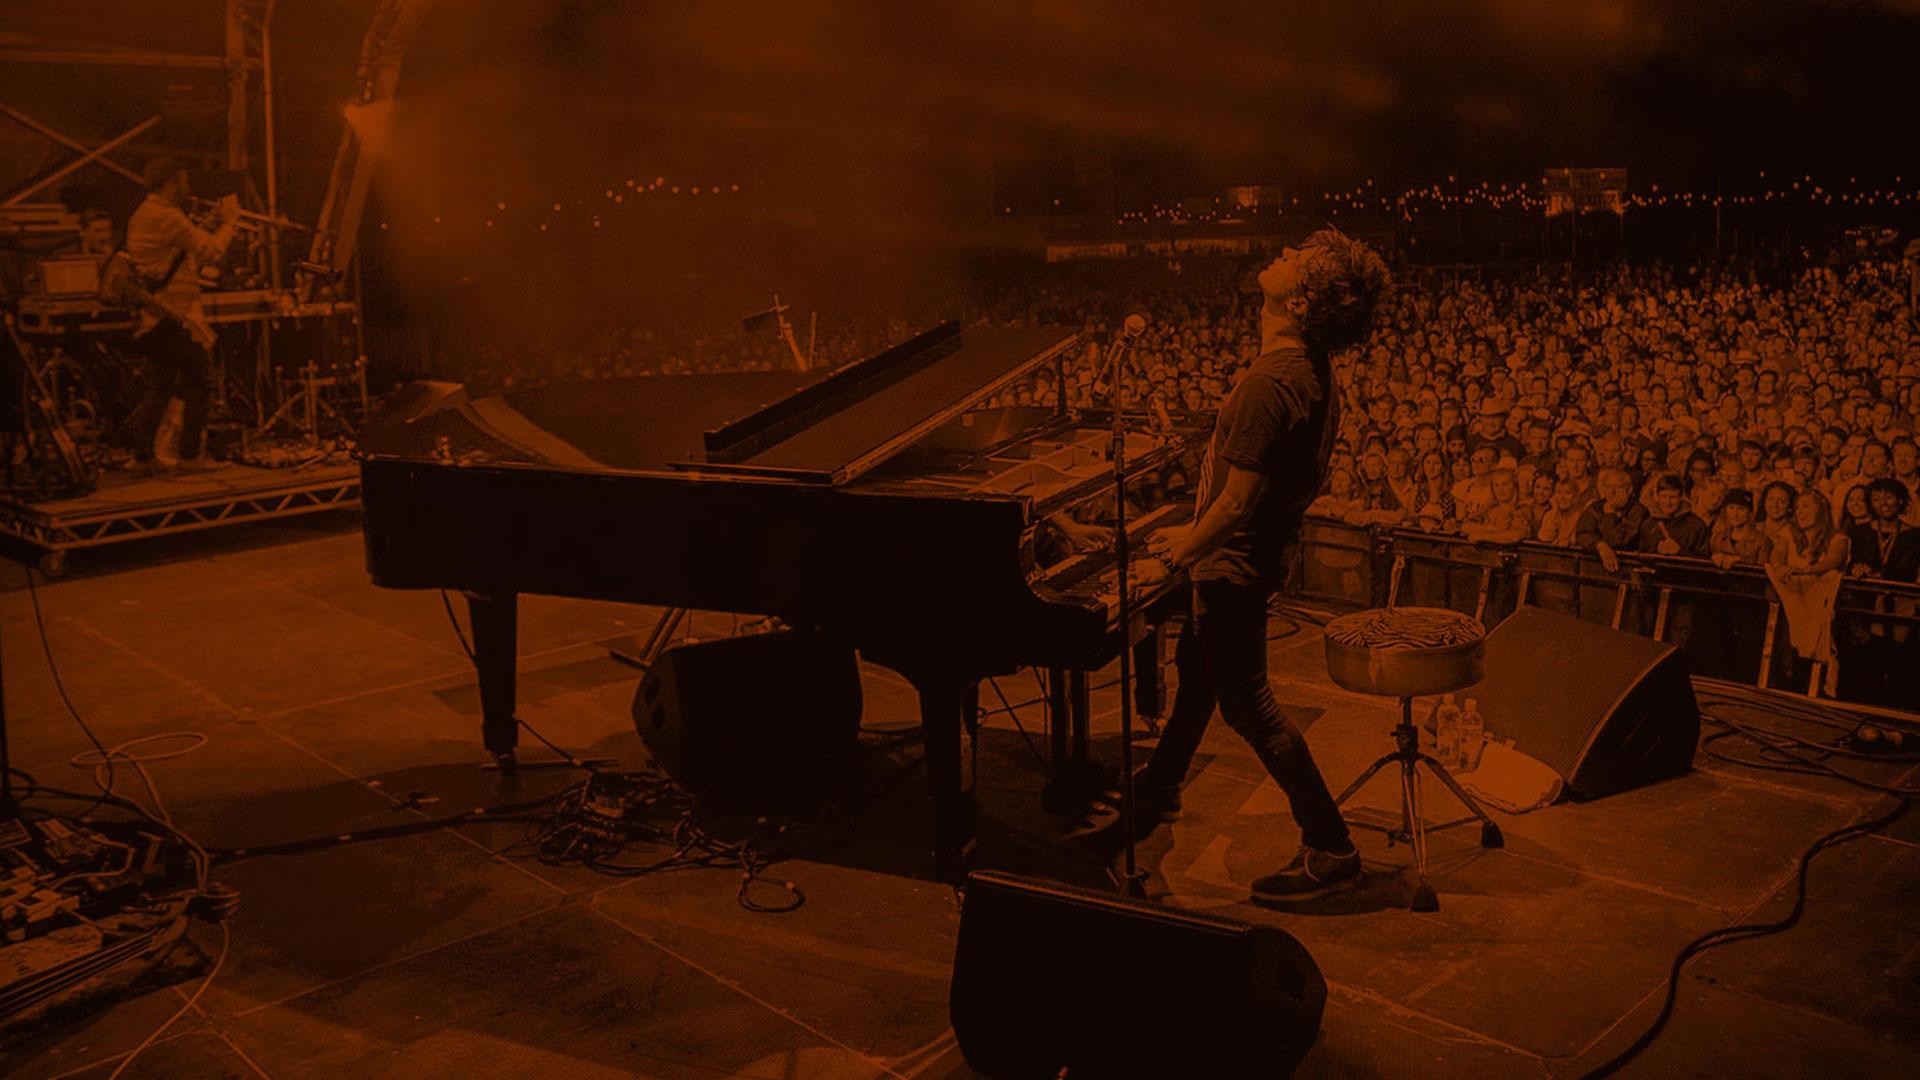 Jamie Cullum Live:Album Art - A collection of album art